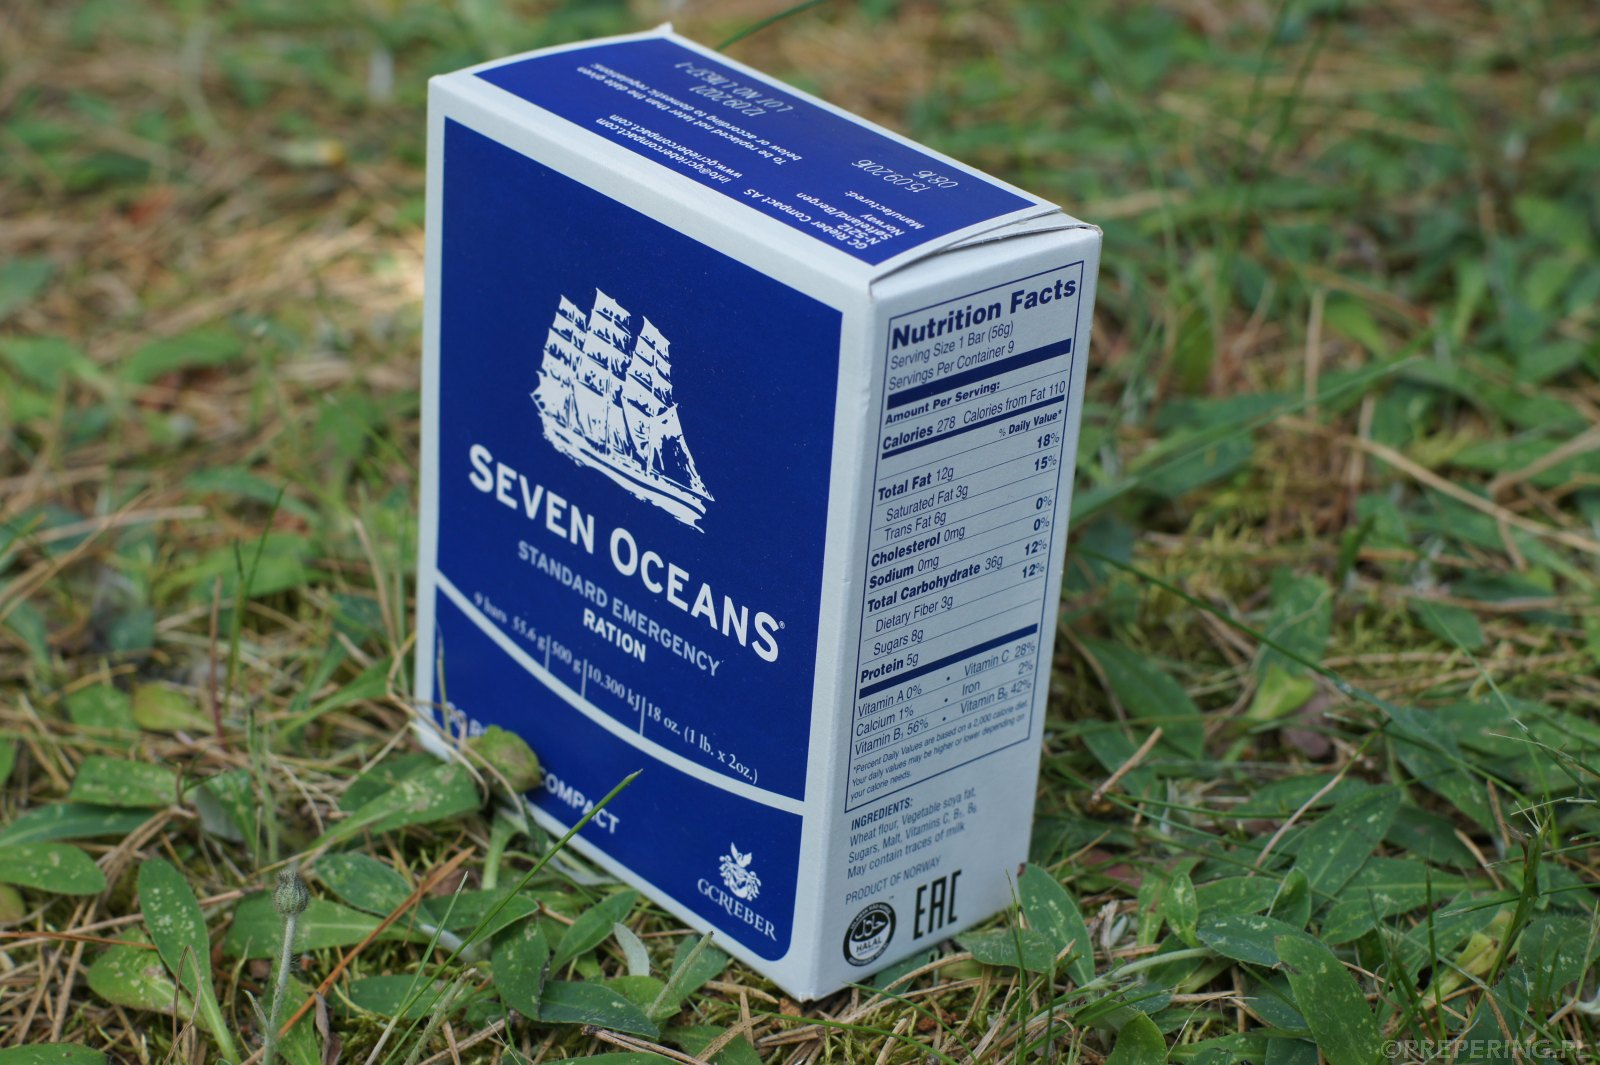 Seven Oceans 02